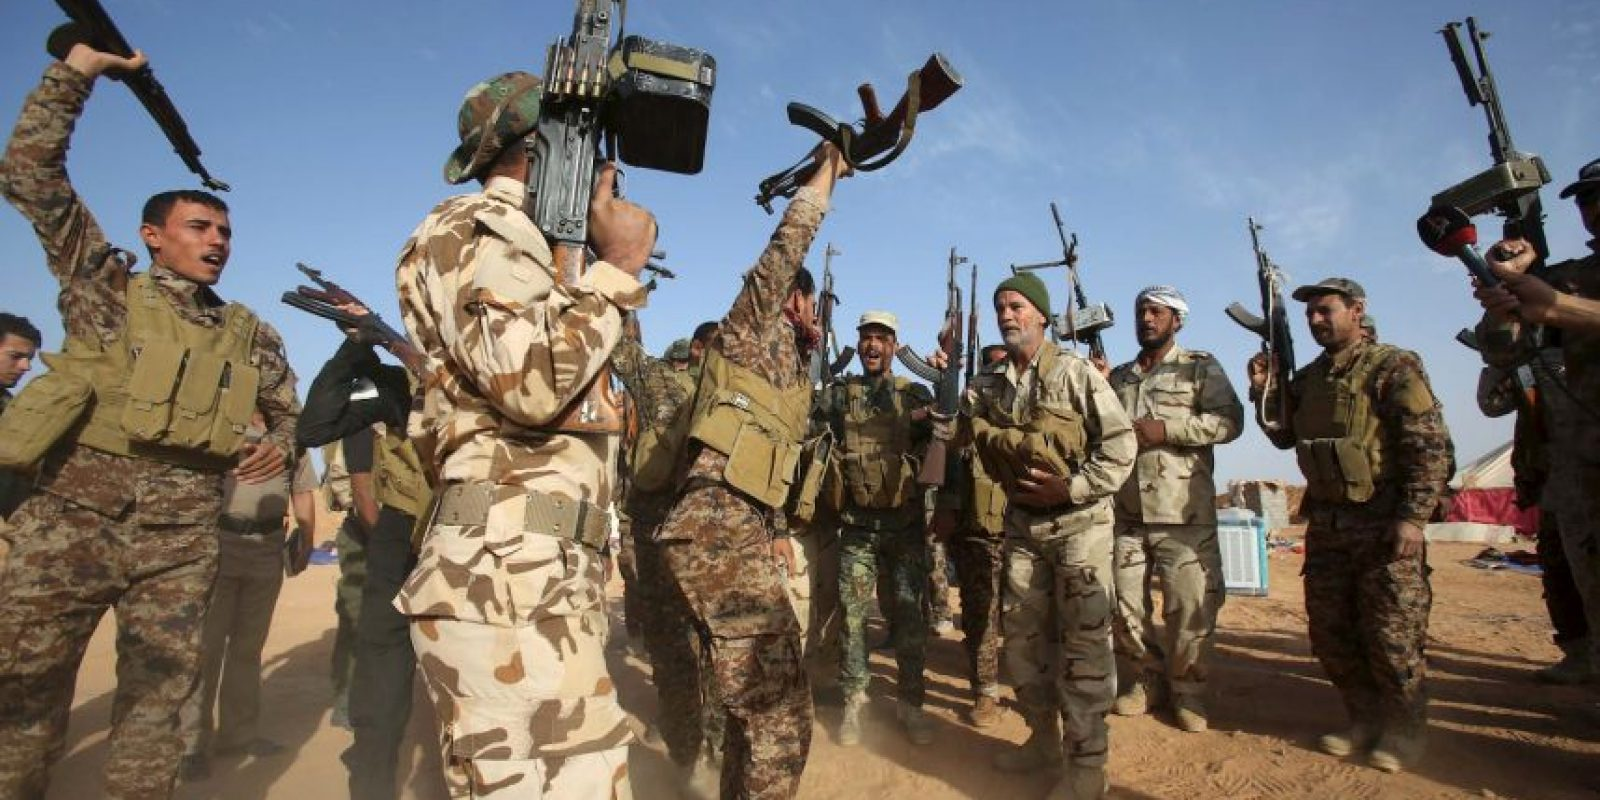 La explosión fue en una zona al norte de Irak. Foto:AFP